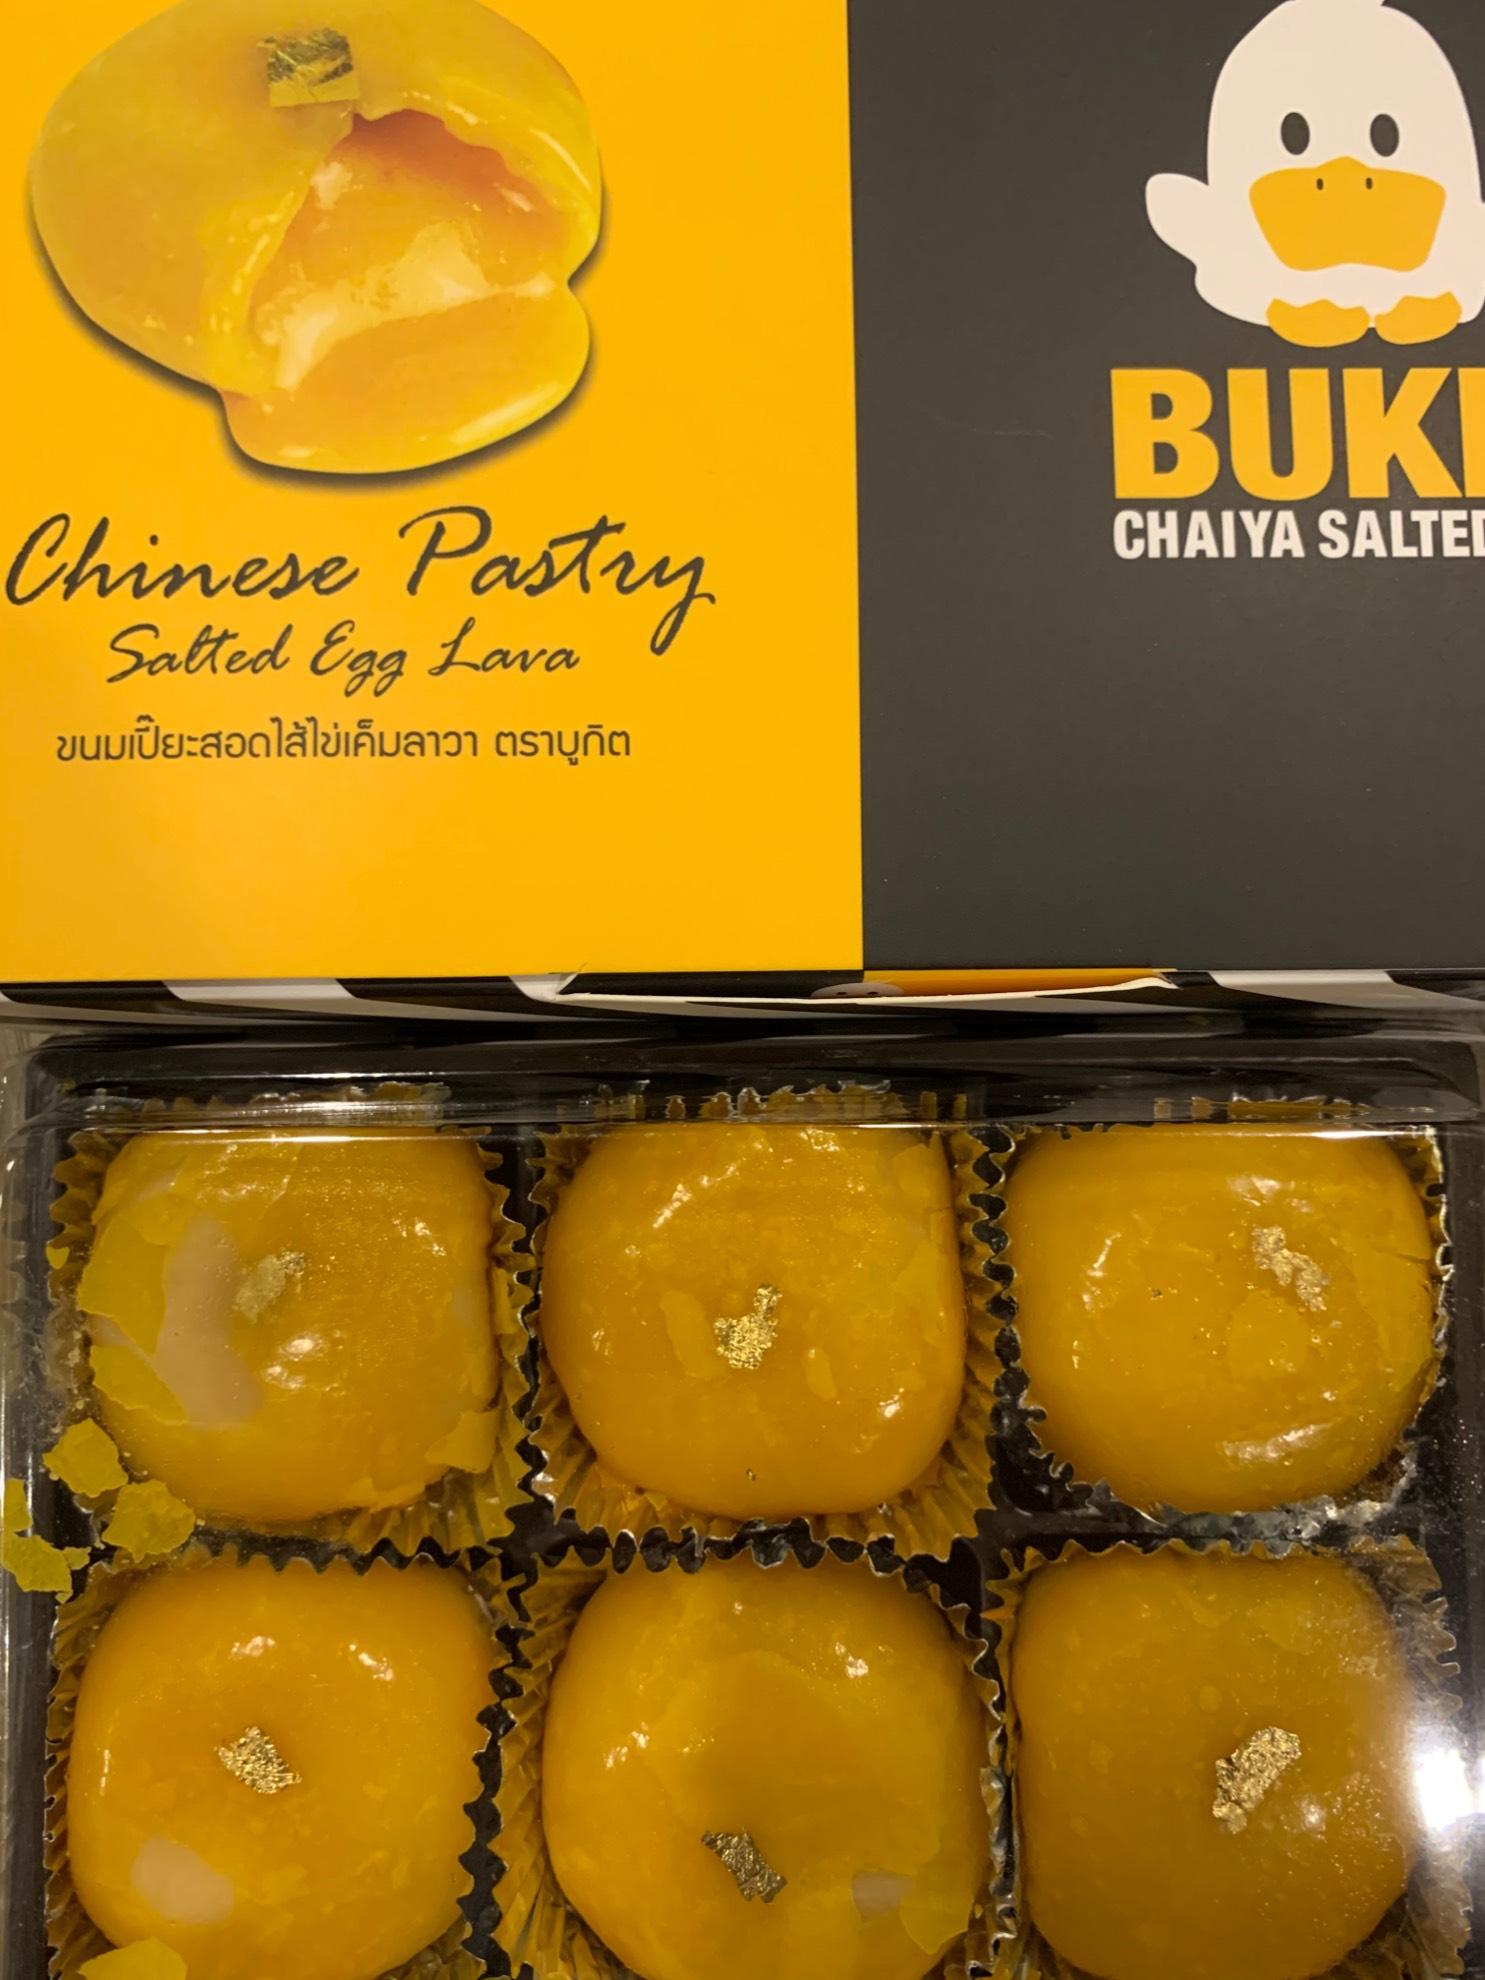 ขนมเปี๊ยะใส้ไข่เค็มลาวา Bukit ภูเก็ต